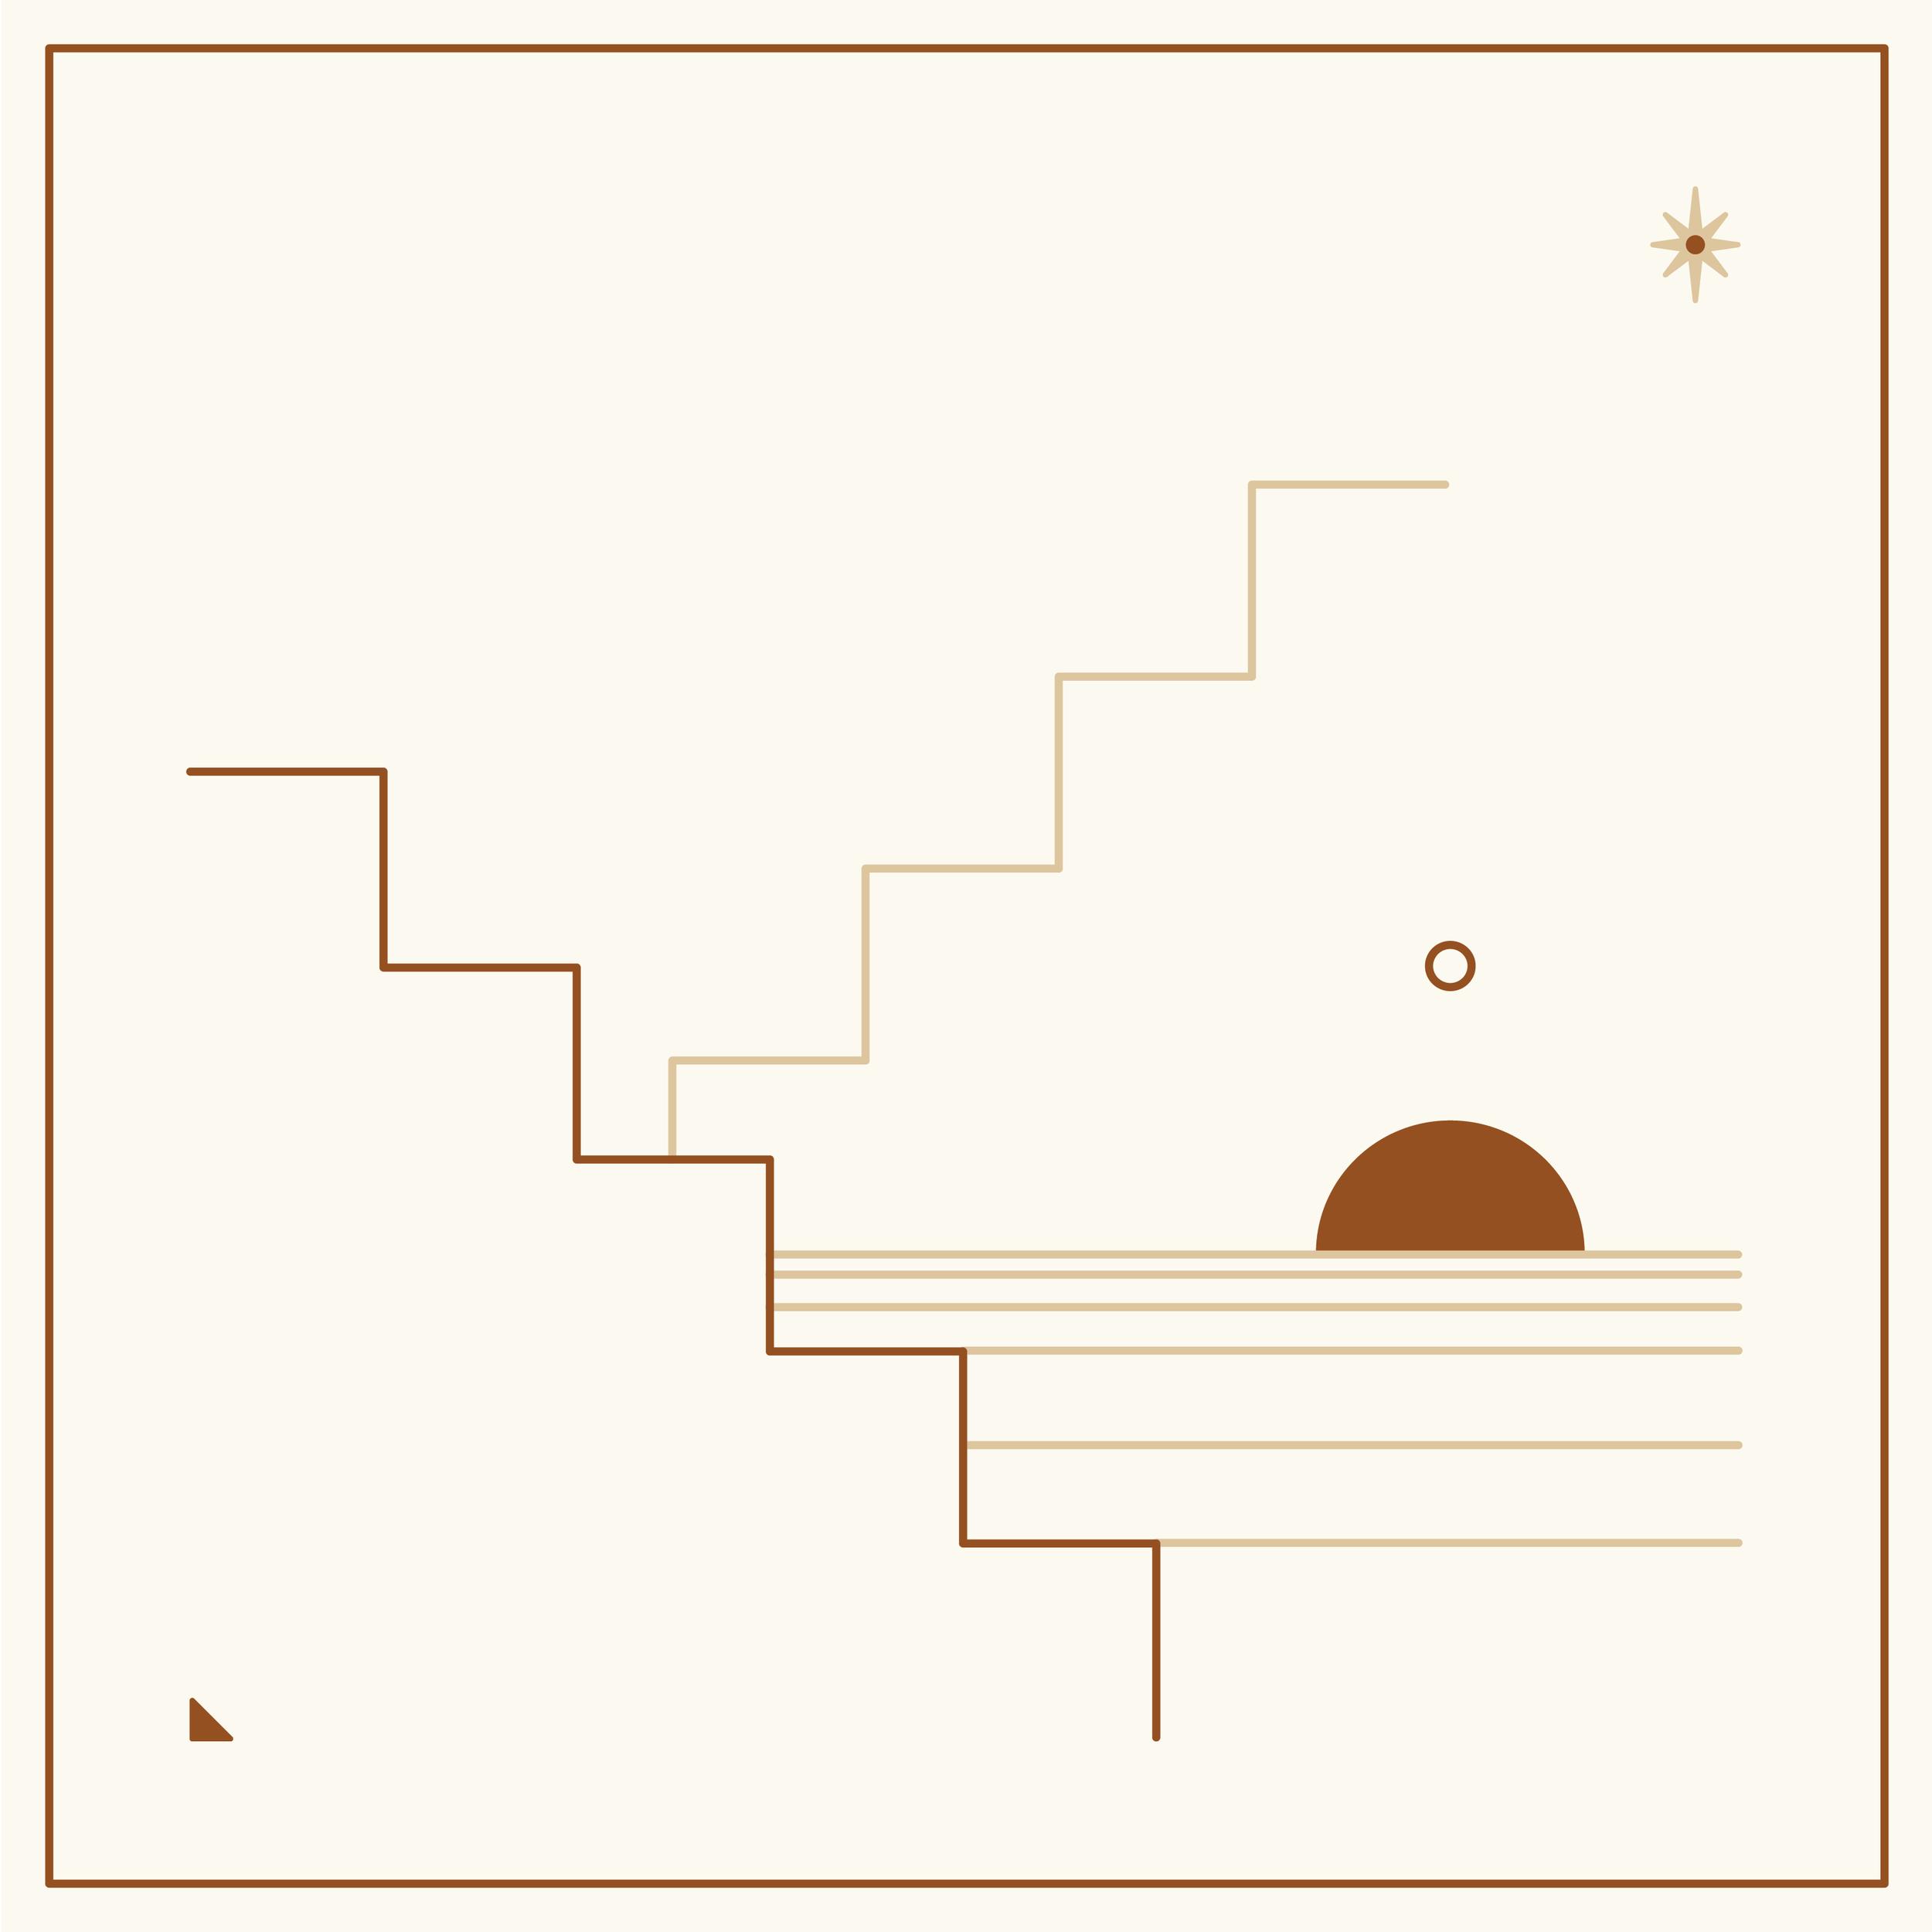 design2-01.png